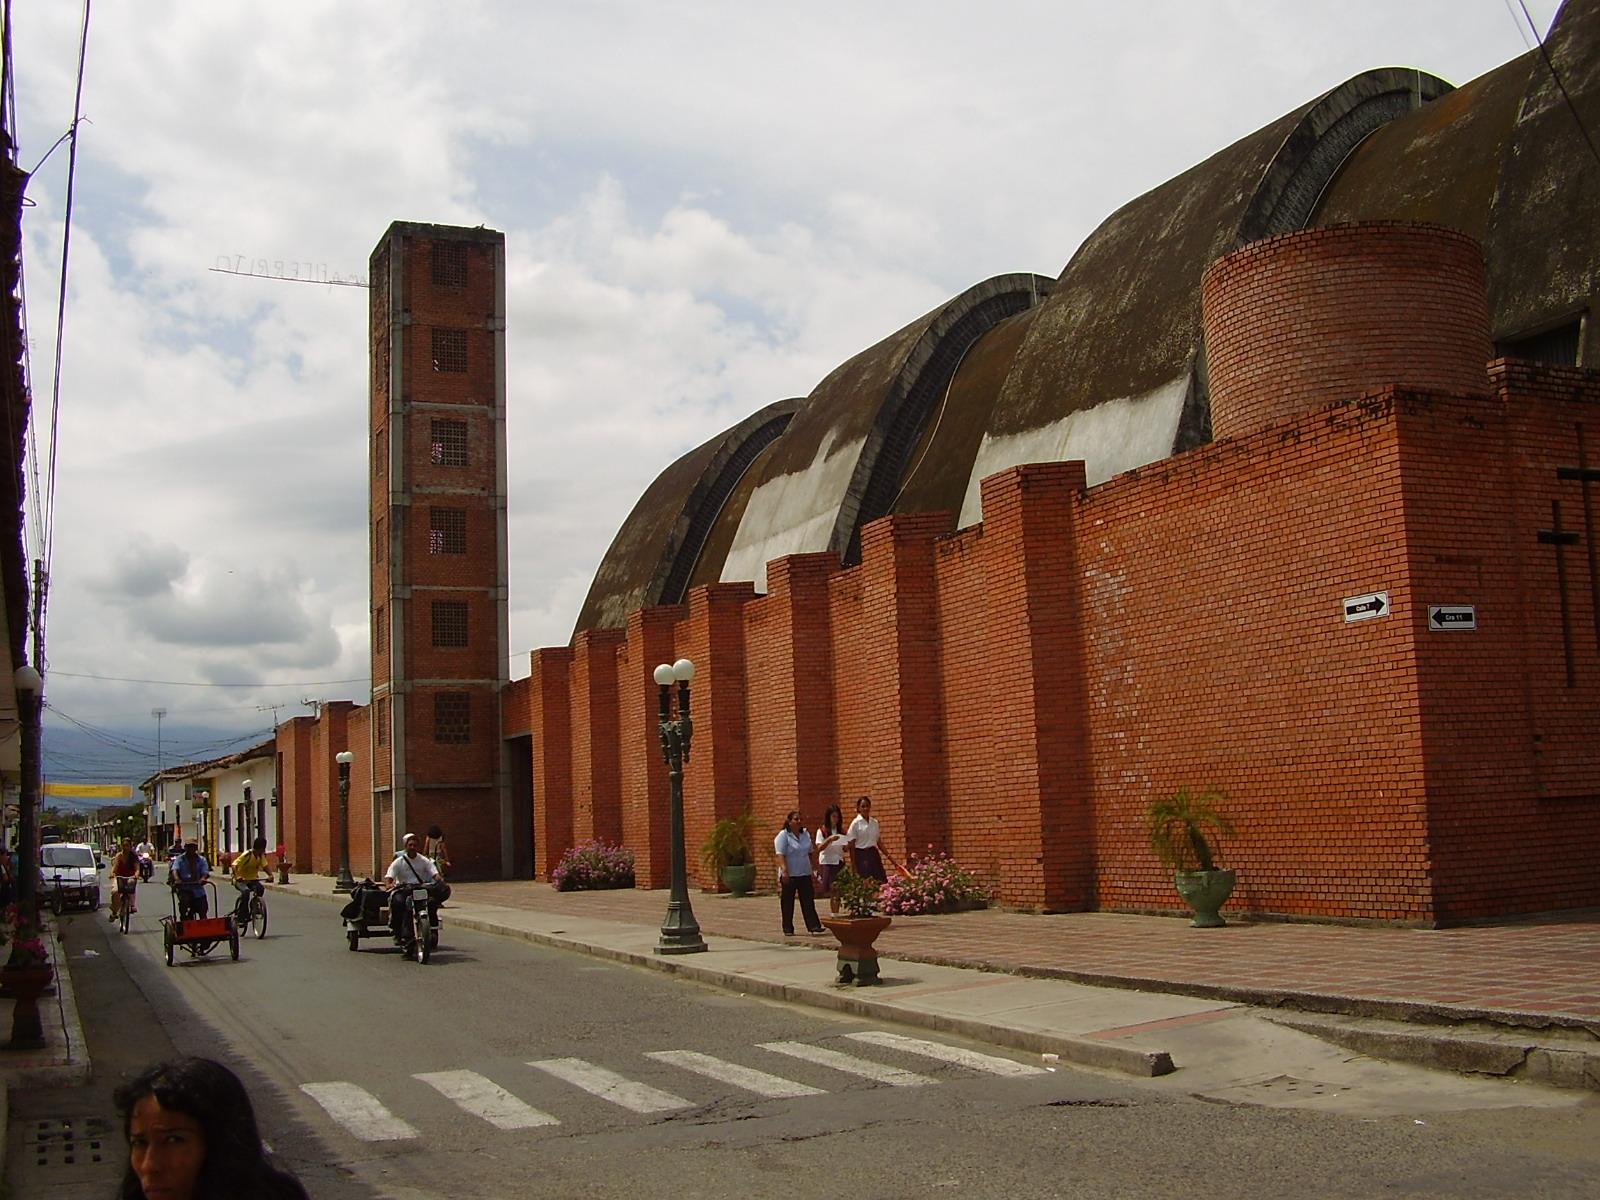 File:Calle 7, Manzana 086, El Cerrito, Valle, Colombia.jpg